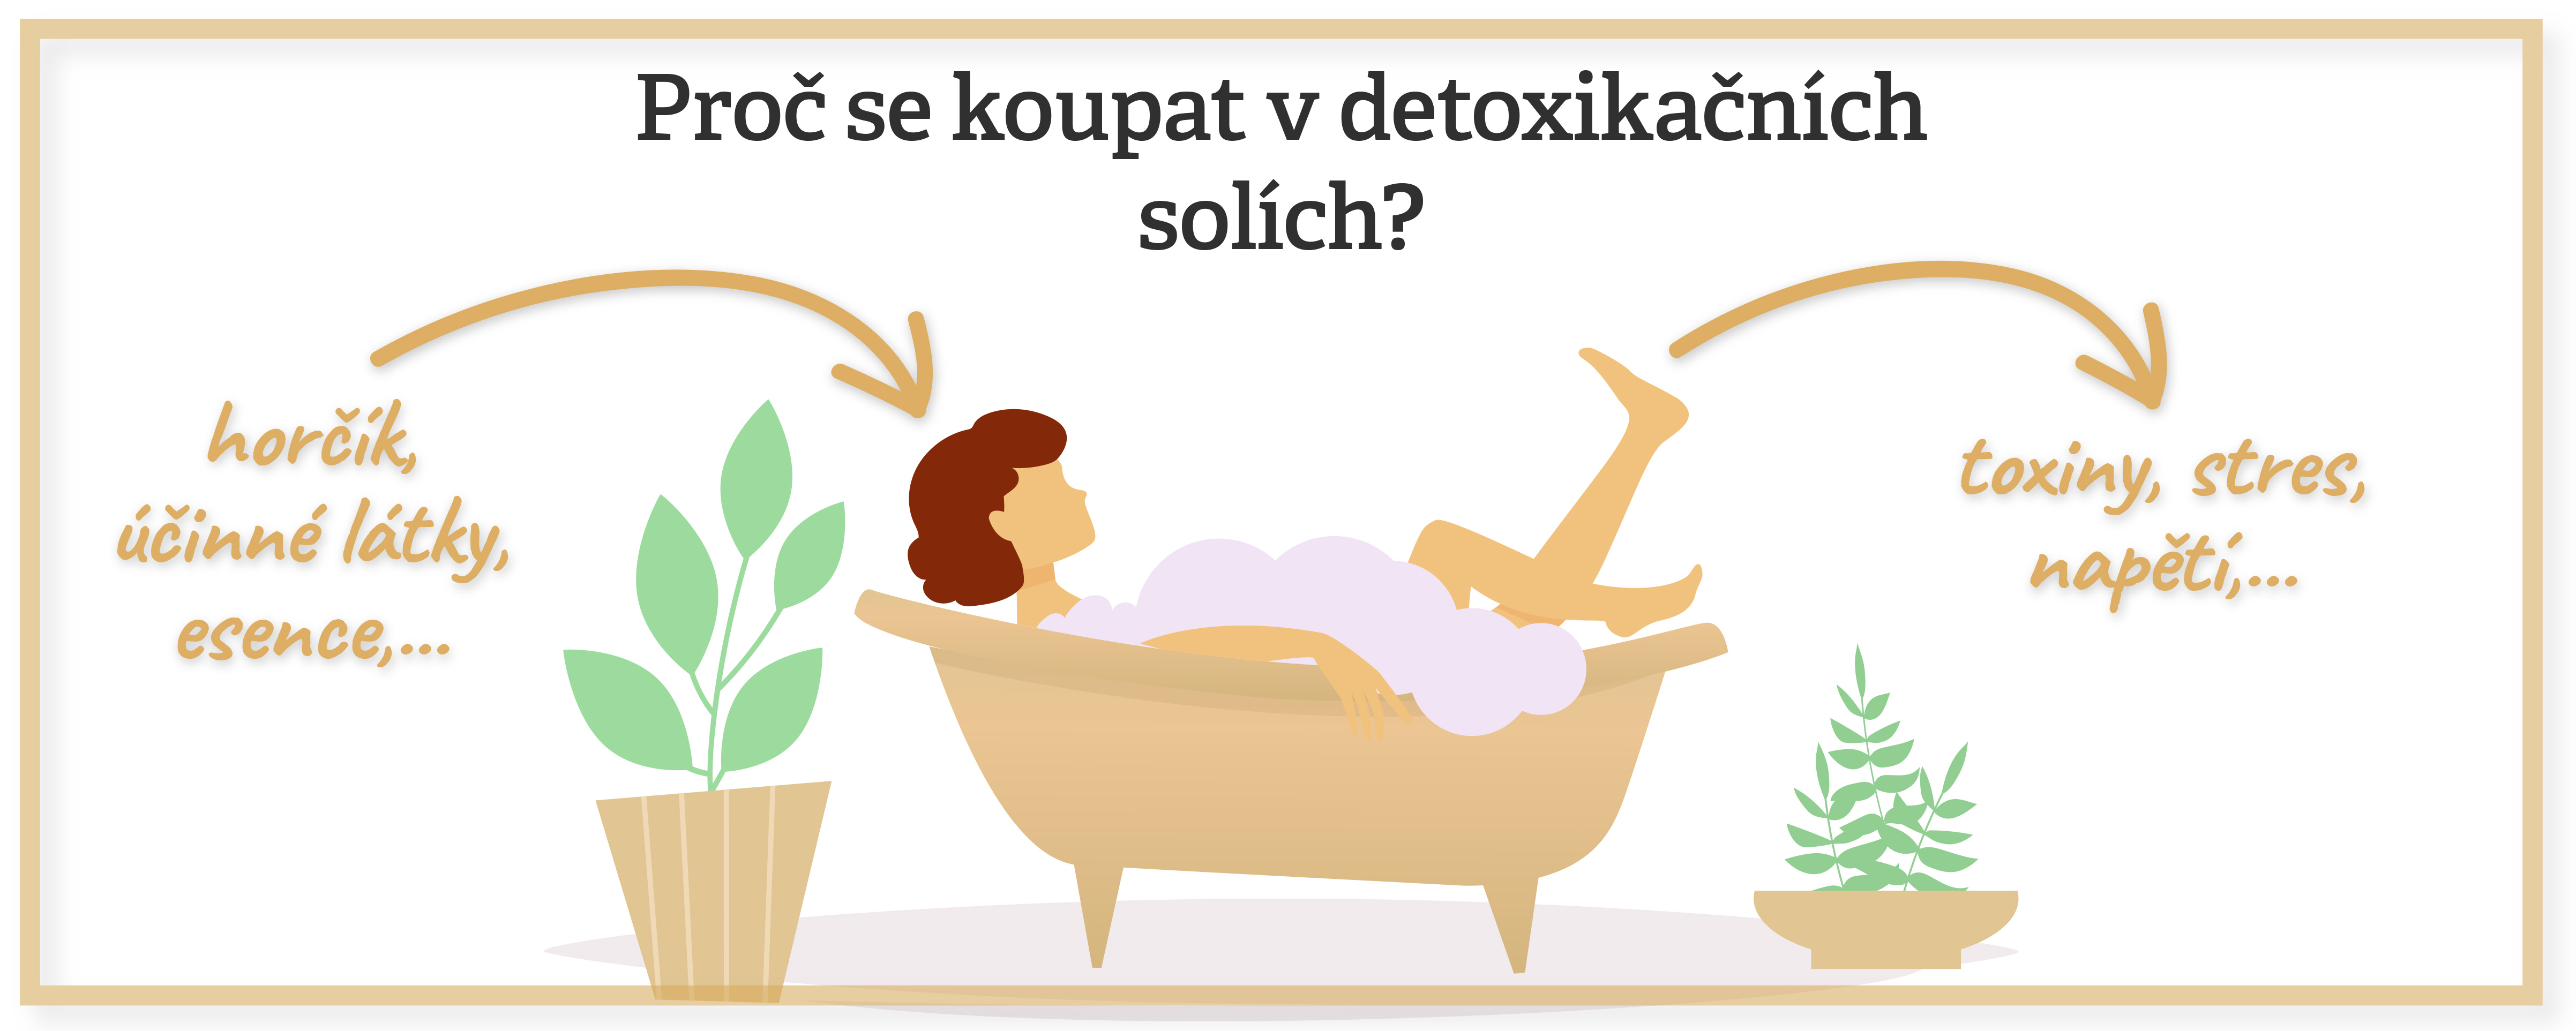 Epsomská sůl koupel zdraví odpočinek toxiny